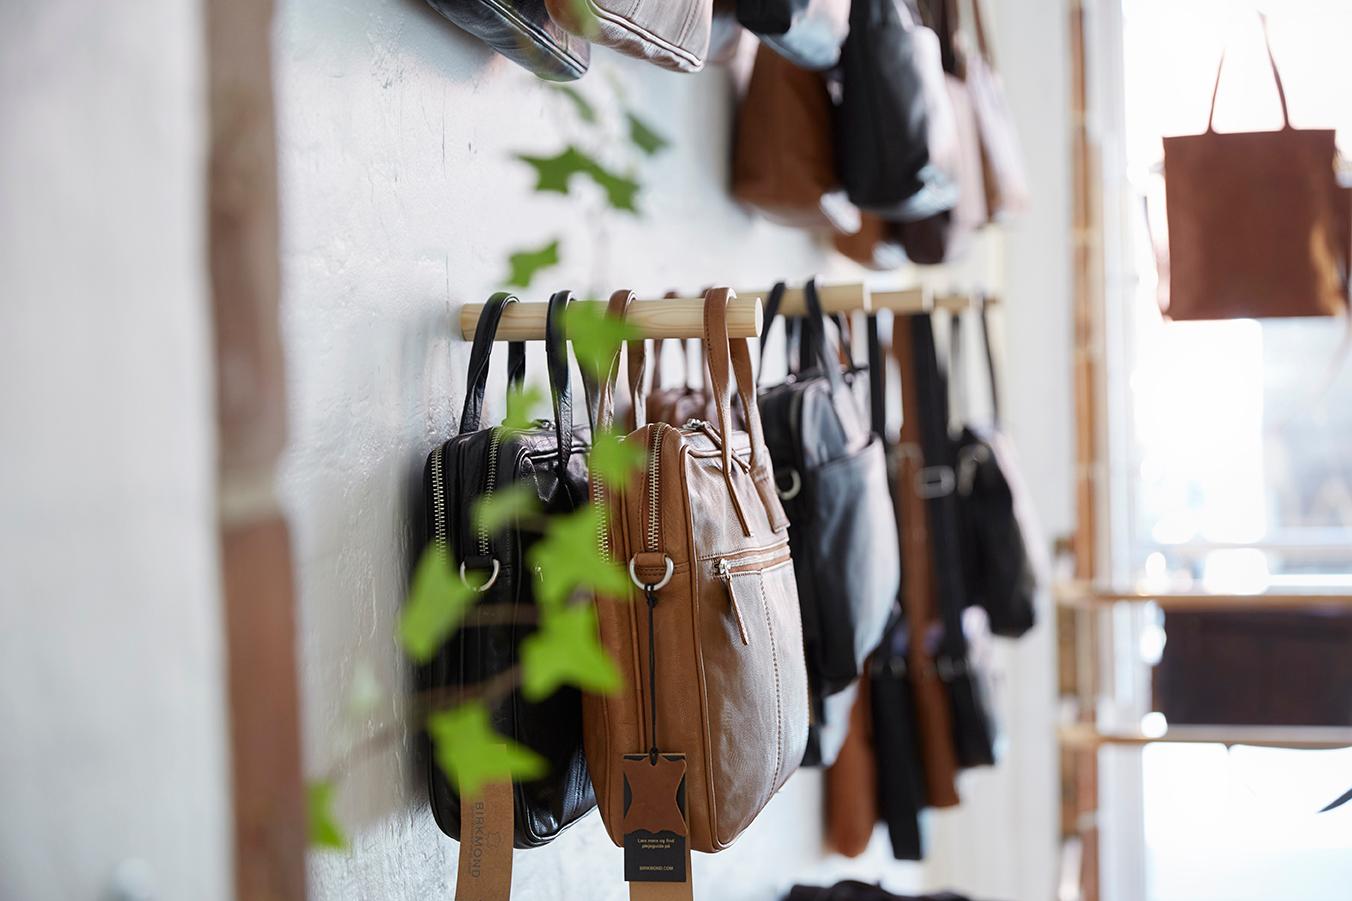 Computertaske arbejdstasker i læder til mænd og kvinder For funktionelt stilrent dansk design Lædervarer i høj kvalitet til en fair pris Birkmond taskebutik i Aarhus Latinerkvarteret